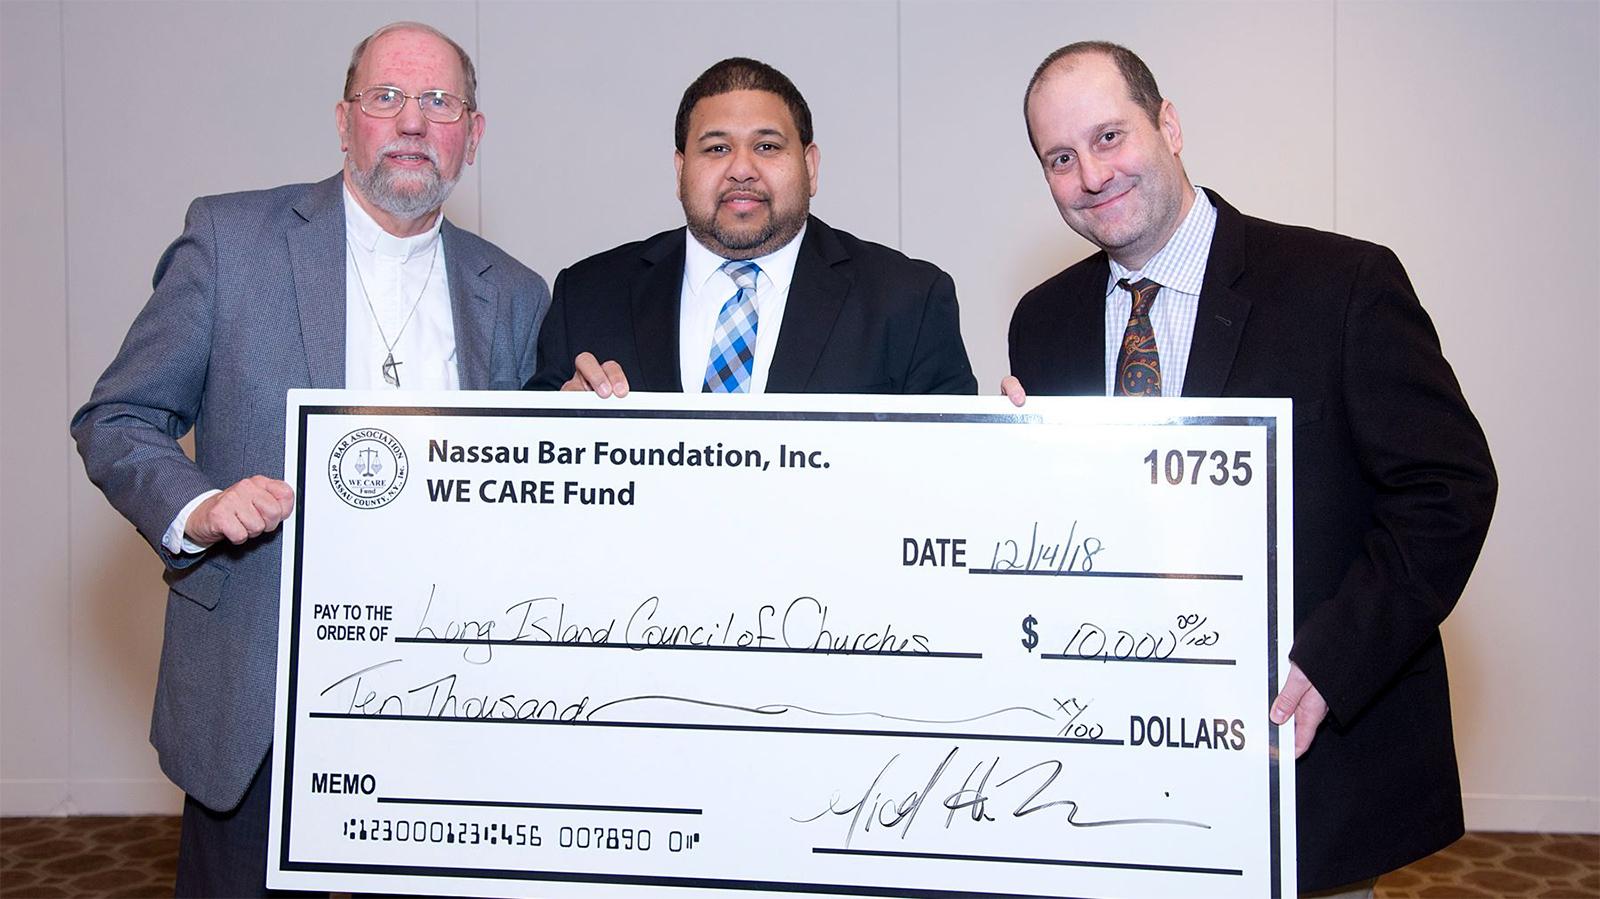 Nassau Bar Association gives grant for emergency food program